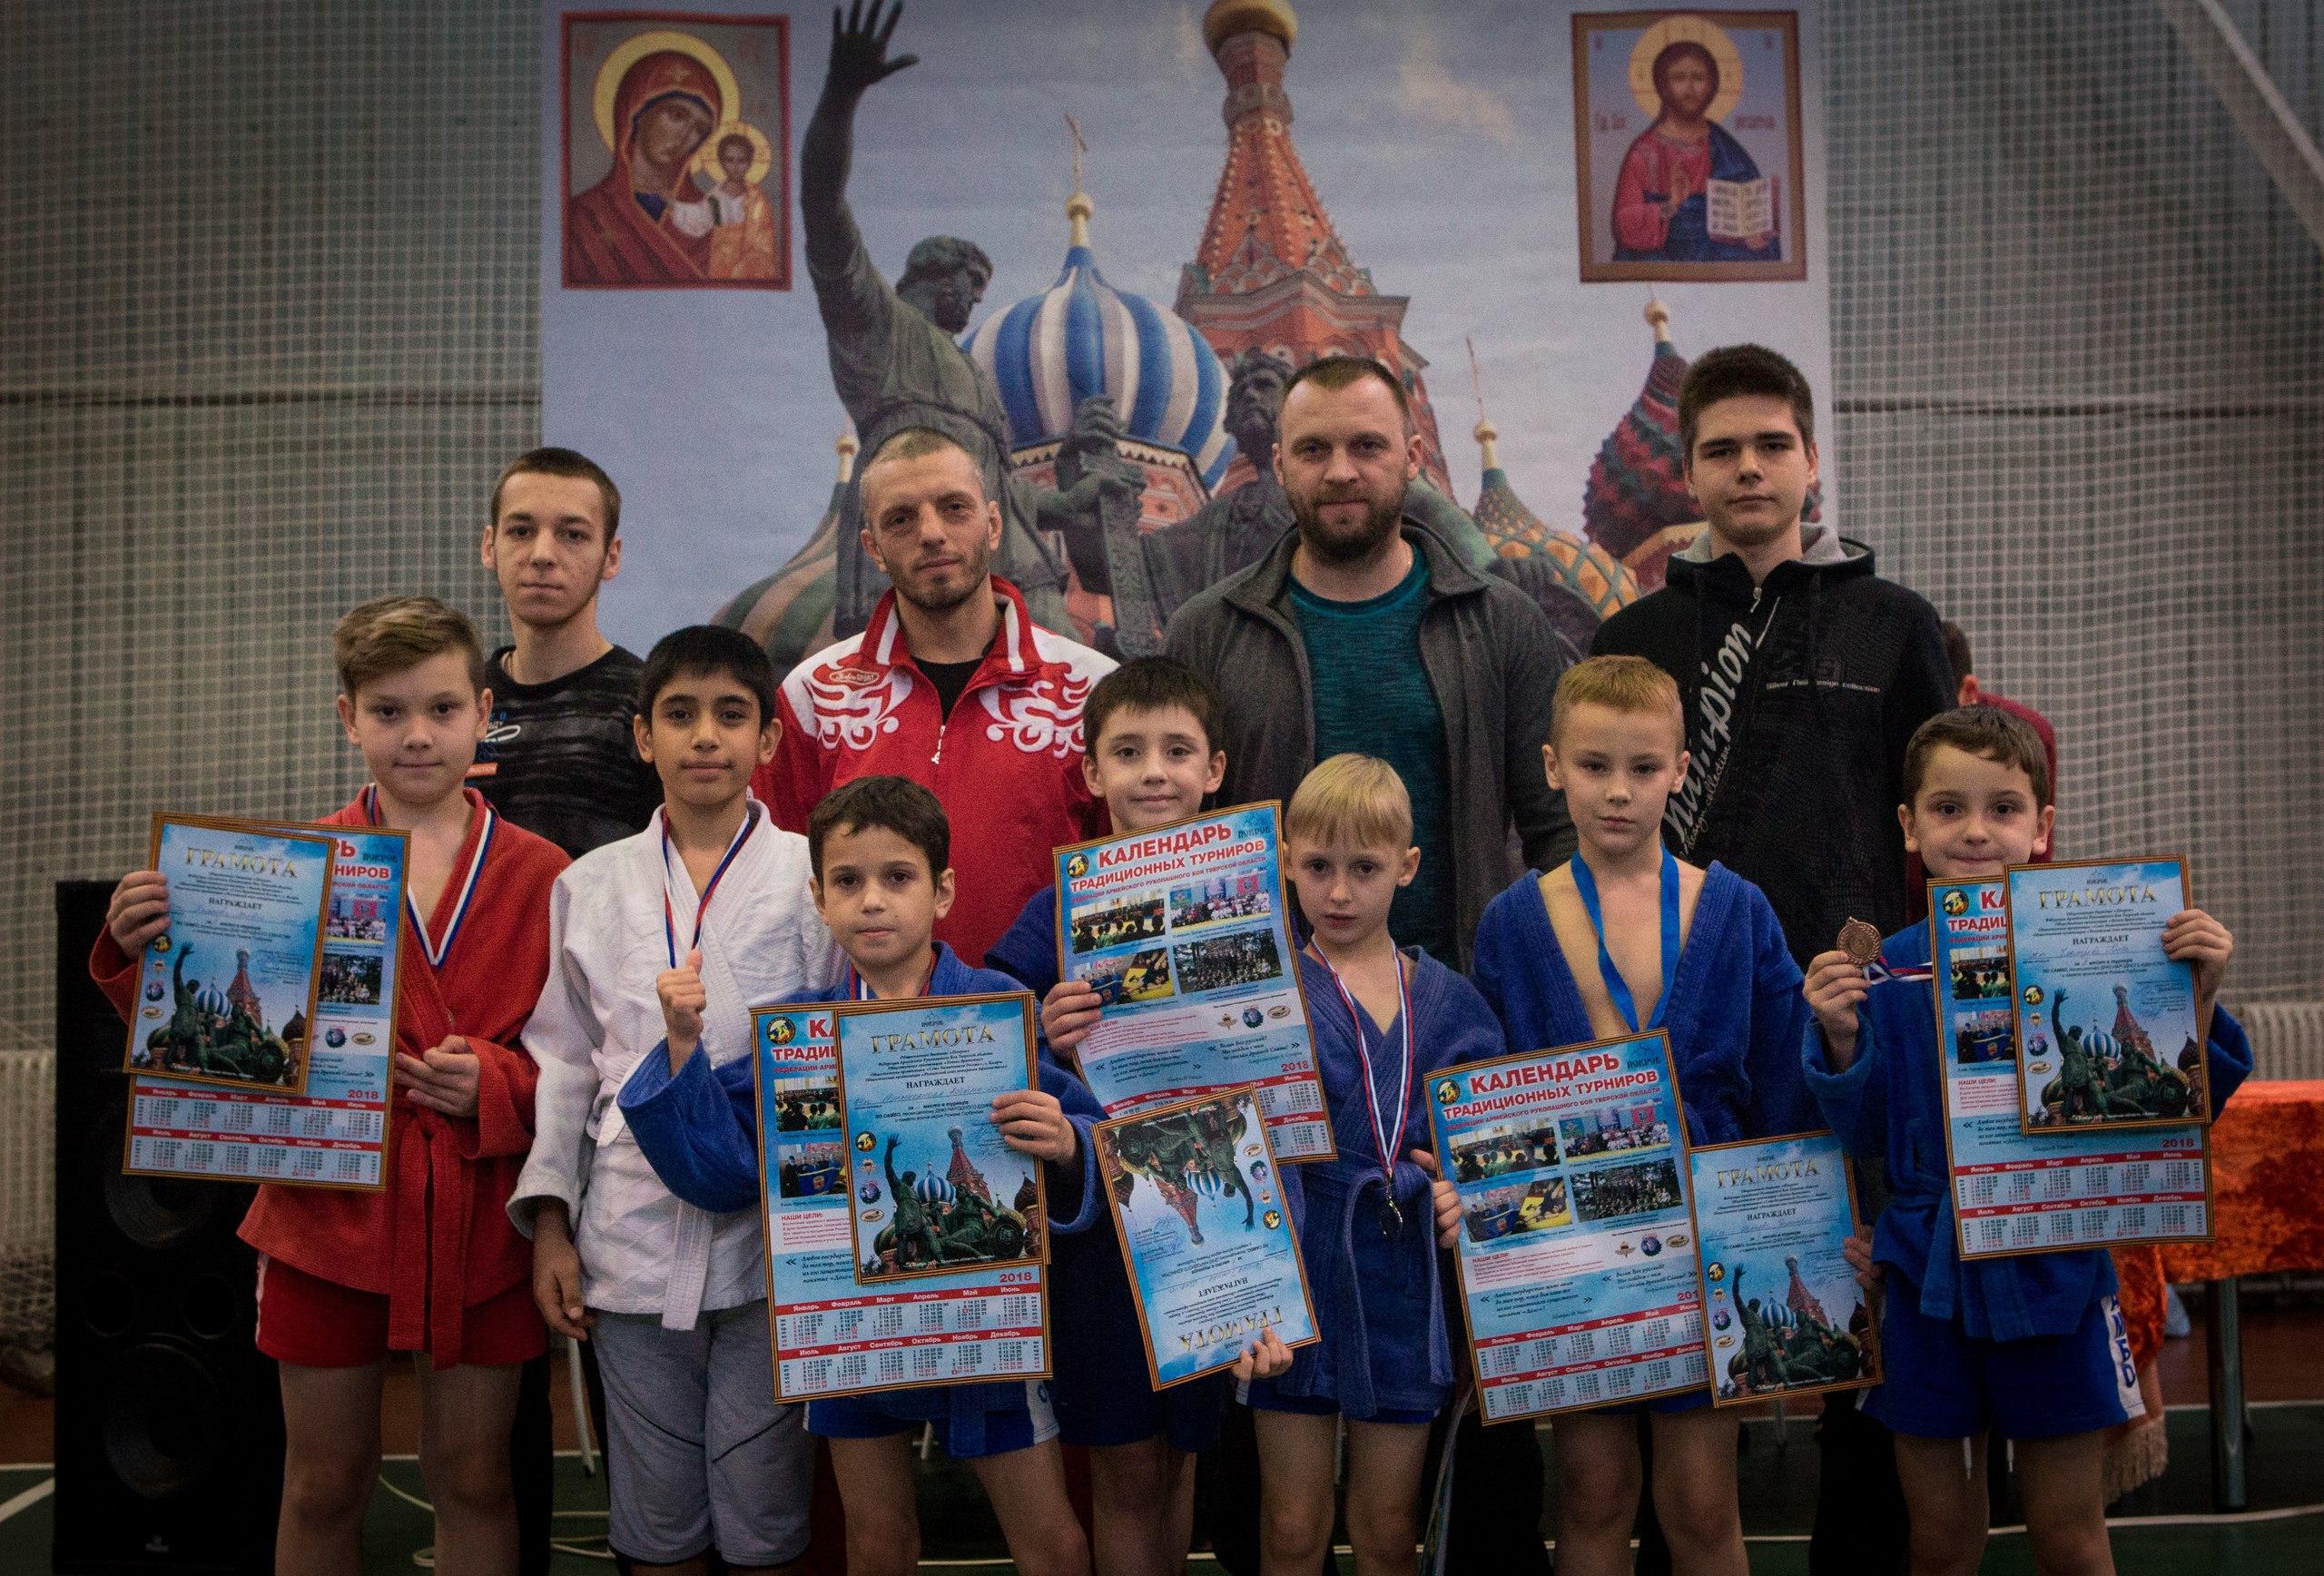 4 ноября состоялся открытый турнир по самбо в честь воина-героя Романа Горбунова